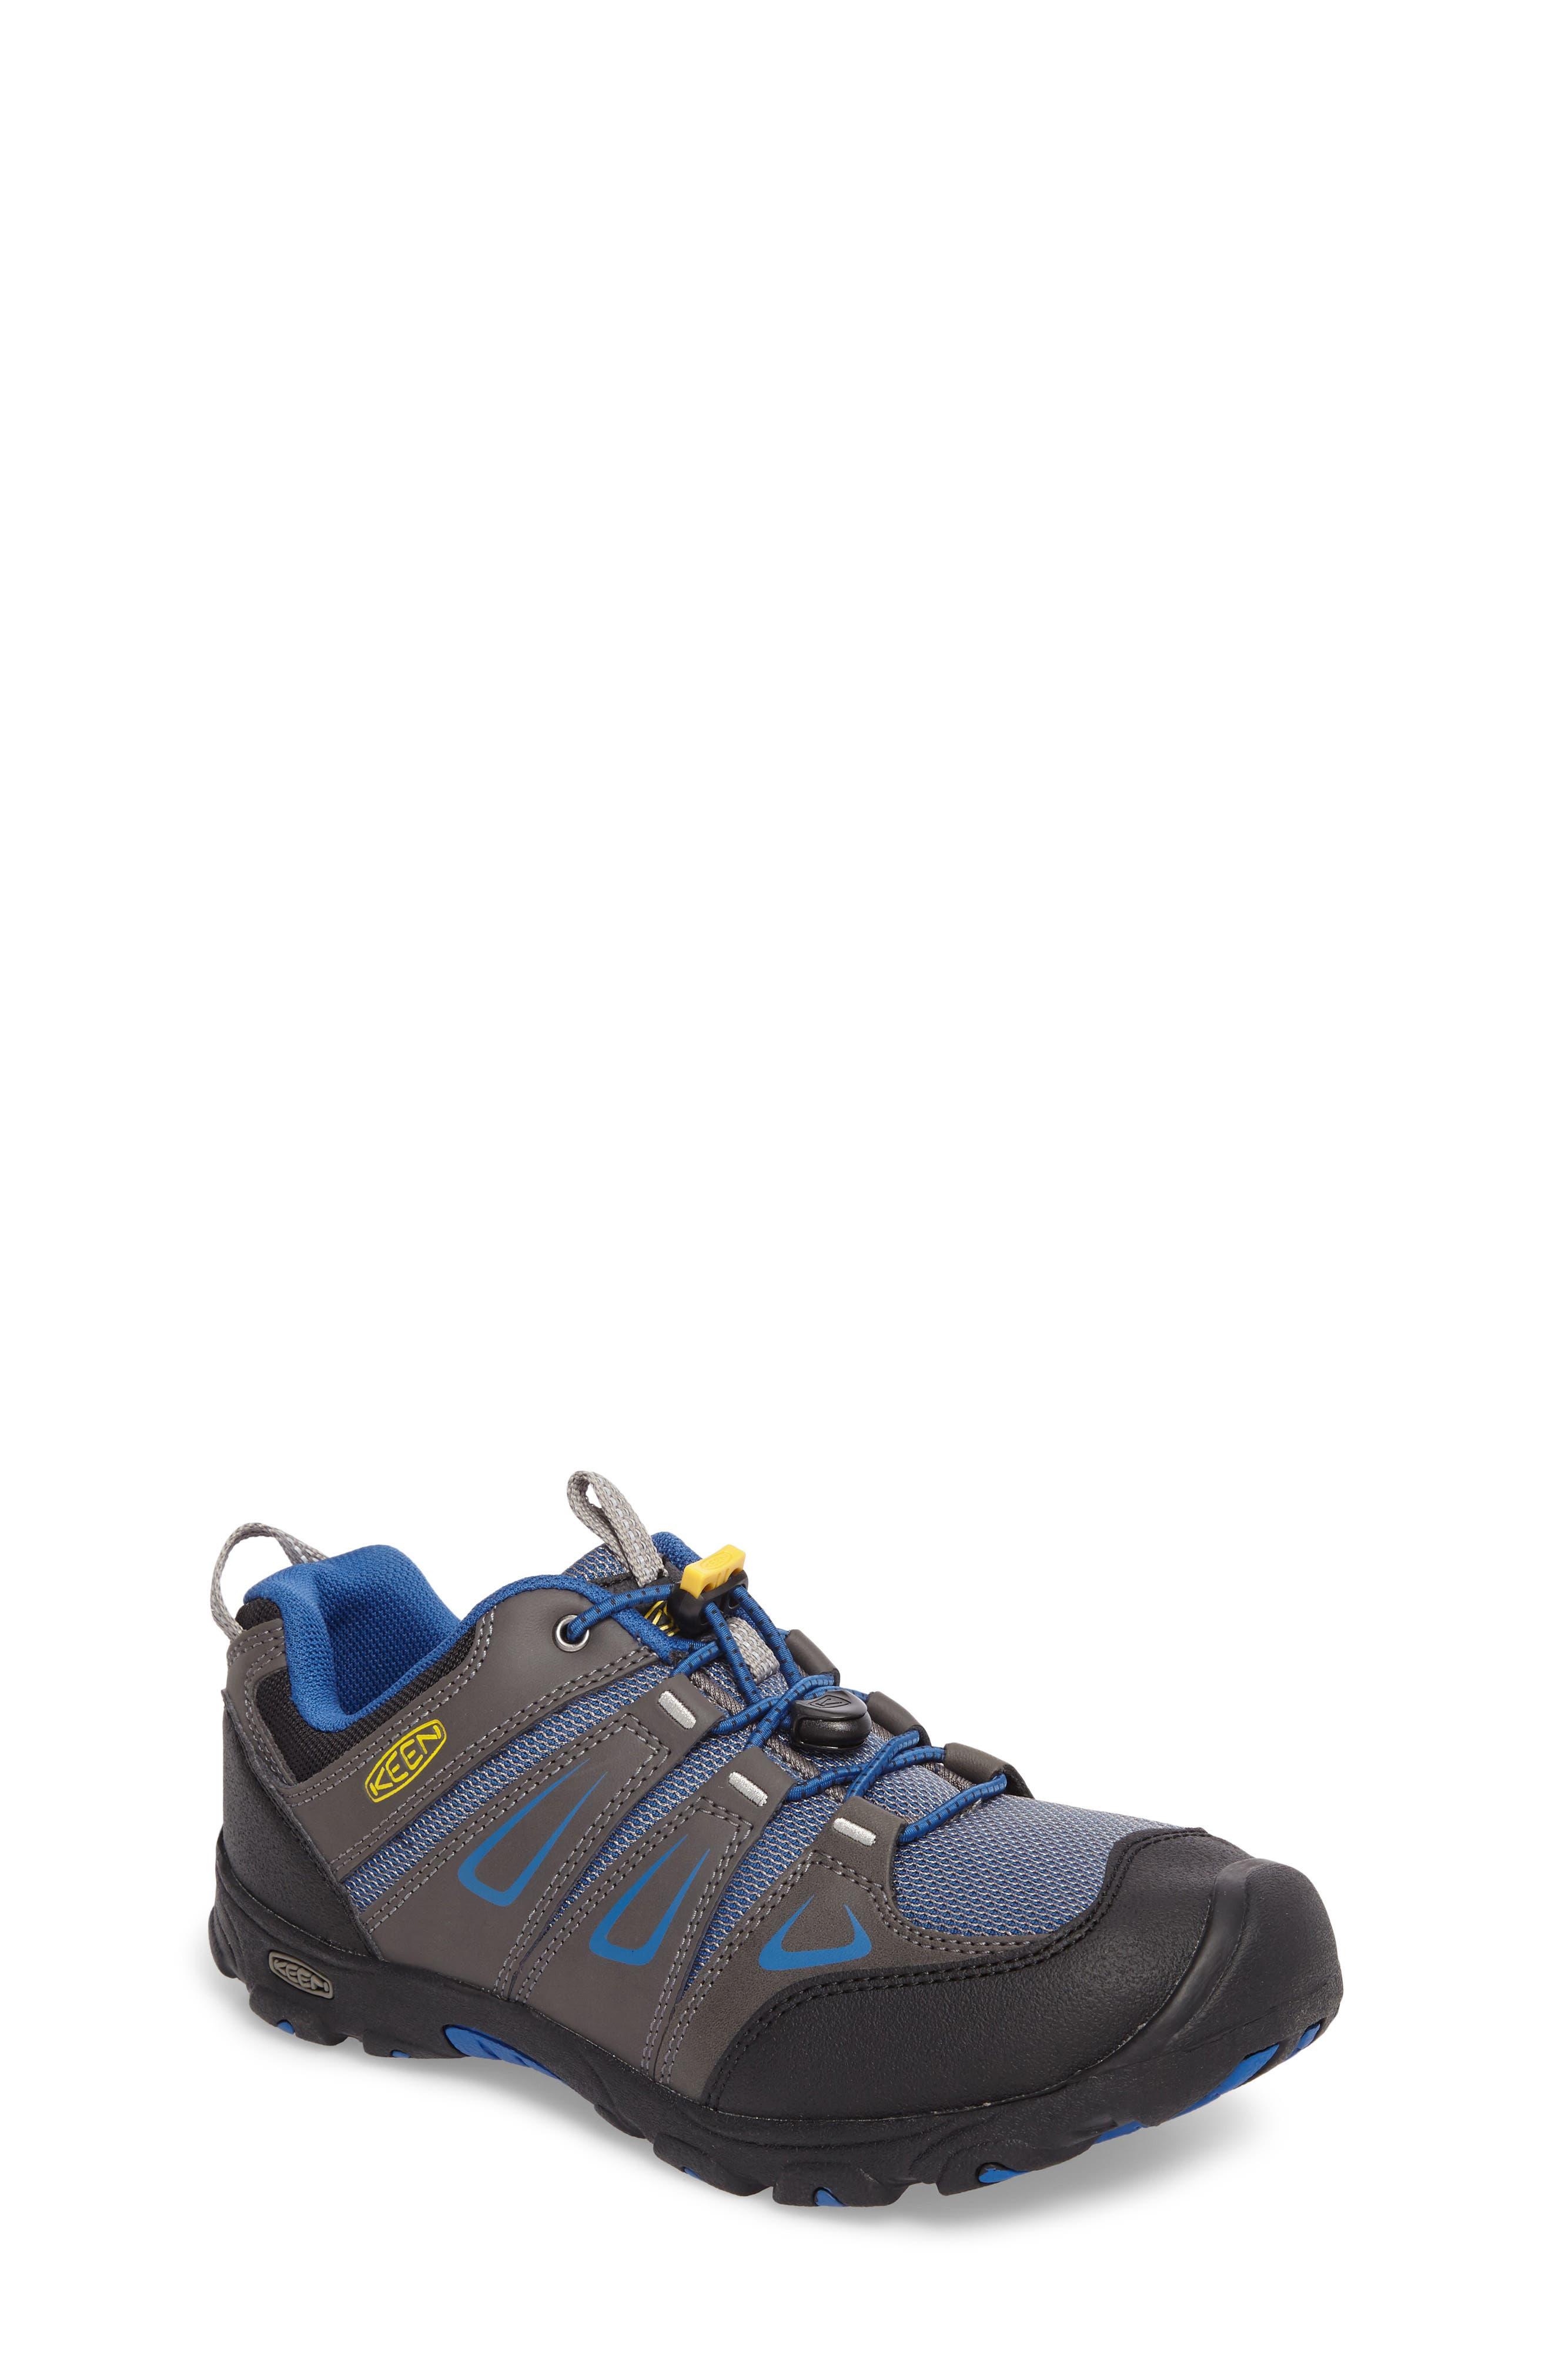 Oakridge Hiking Shoe,                         Main,                         color, 017